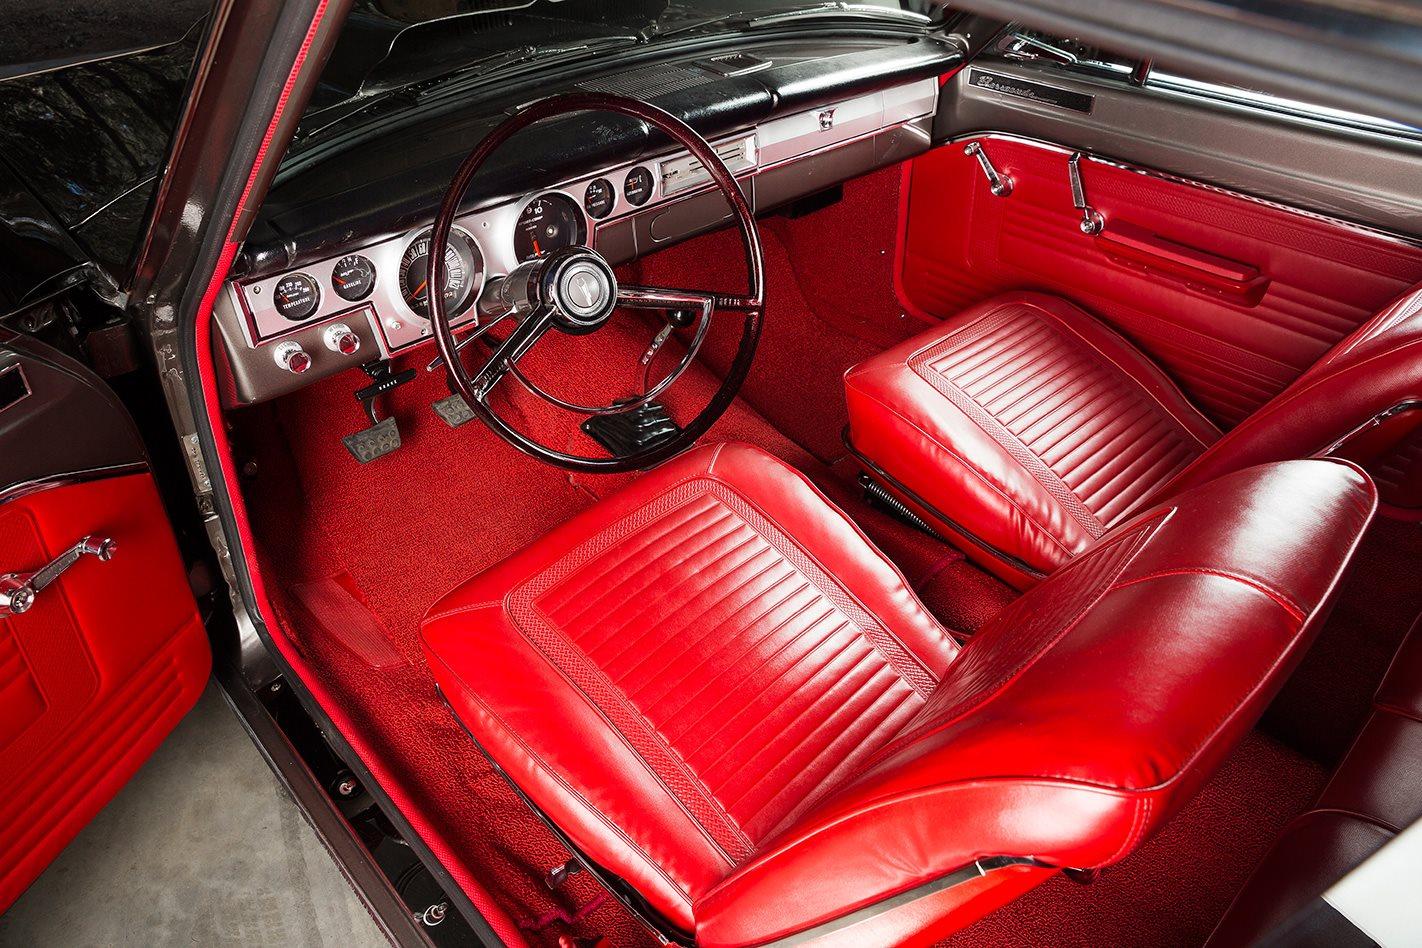 1966 PLYMOUTH BARRACUDA interior